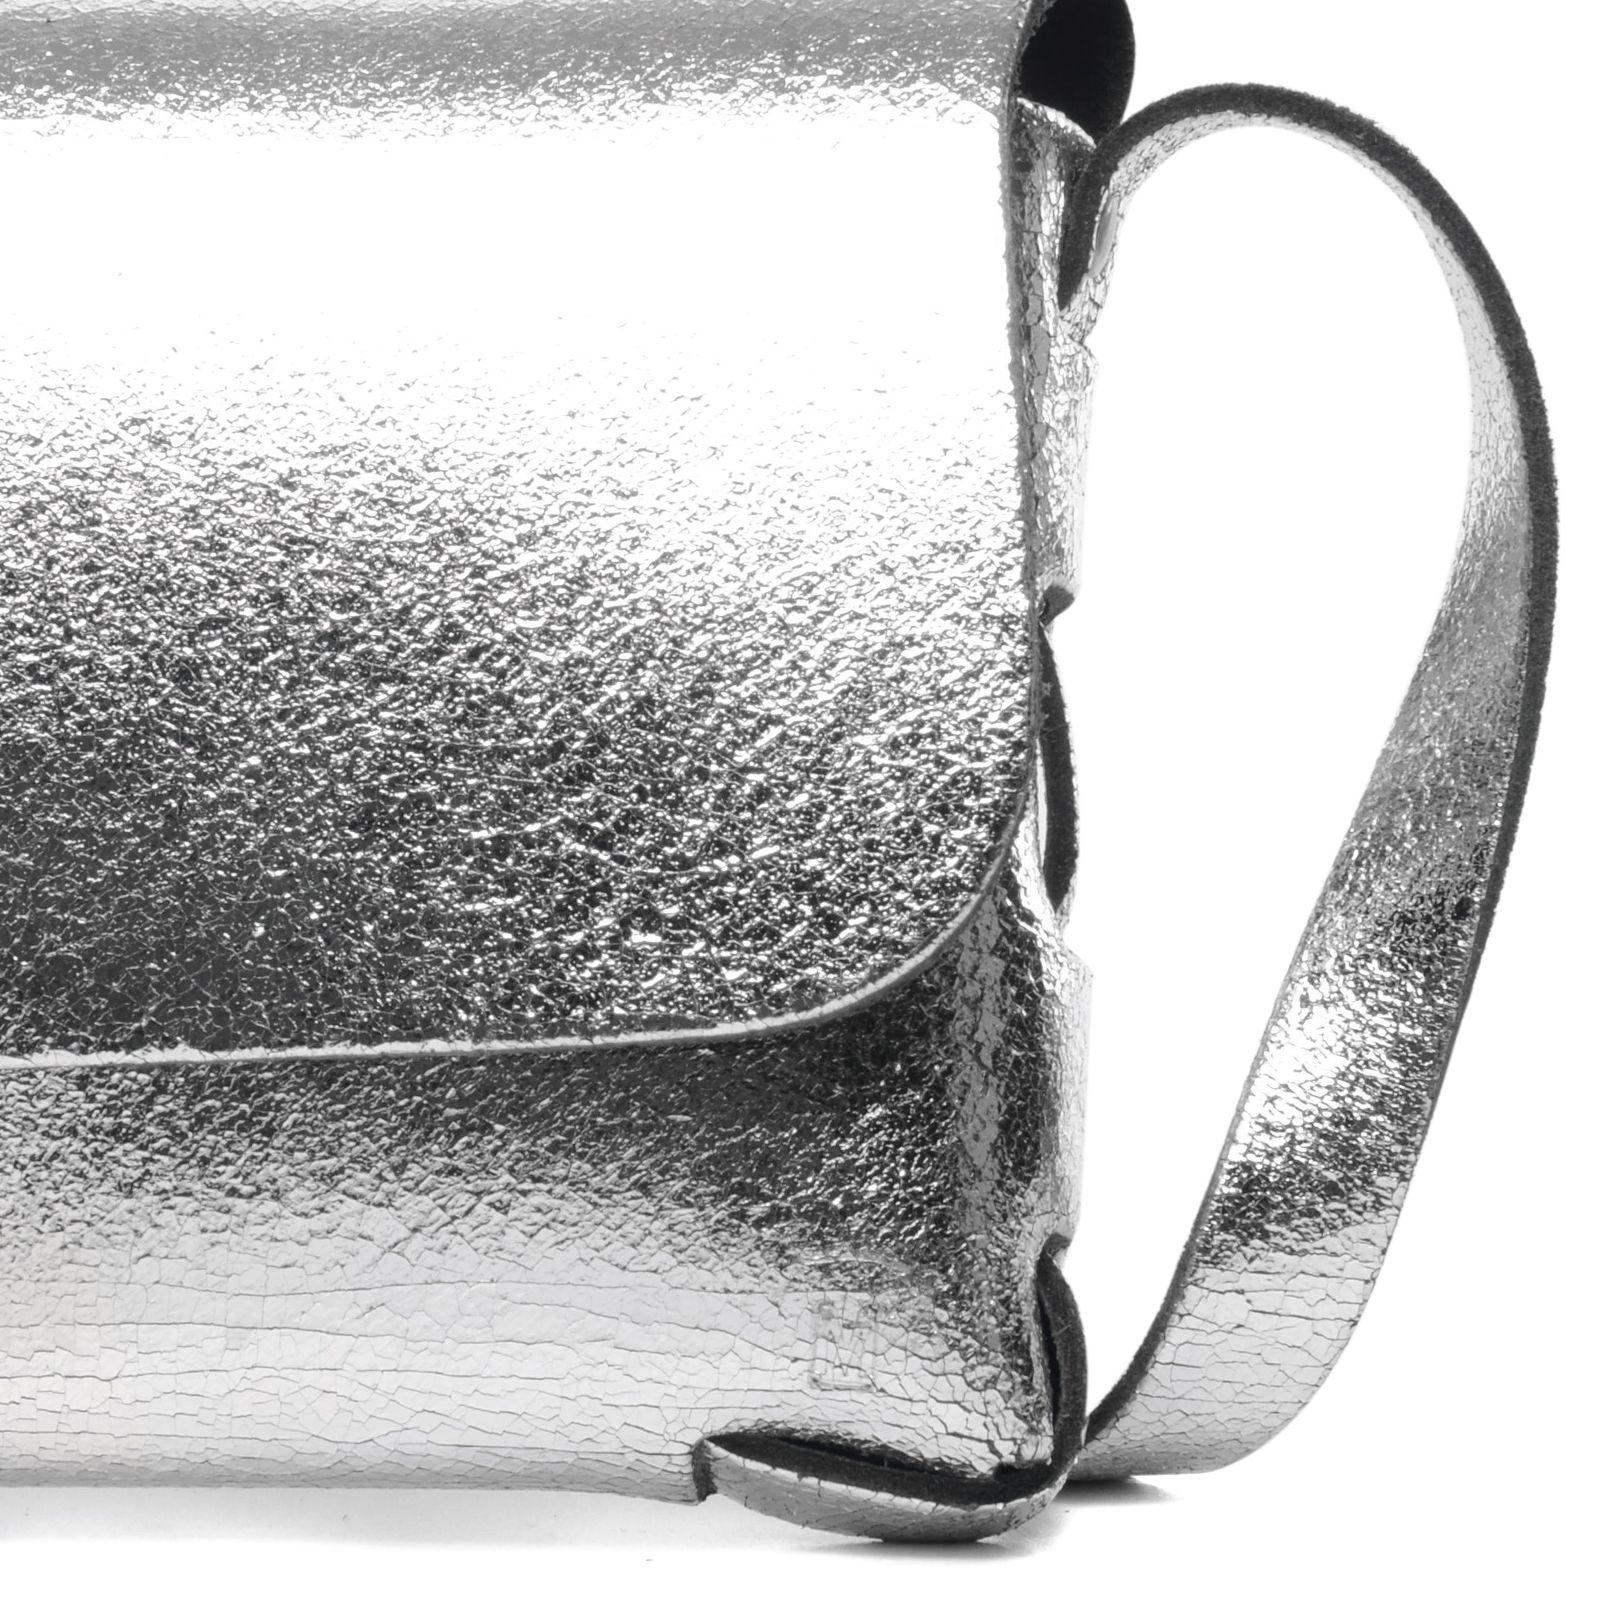 Schoudertasje man : Zilverkleurig schoudertasje tassen manfield